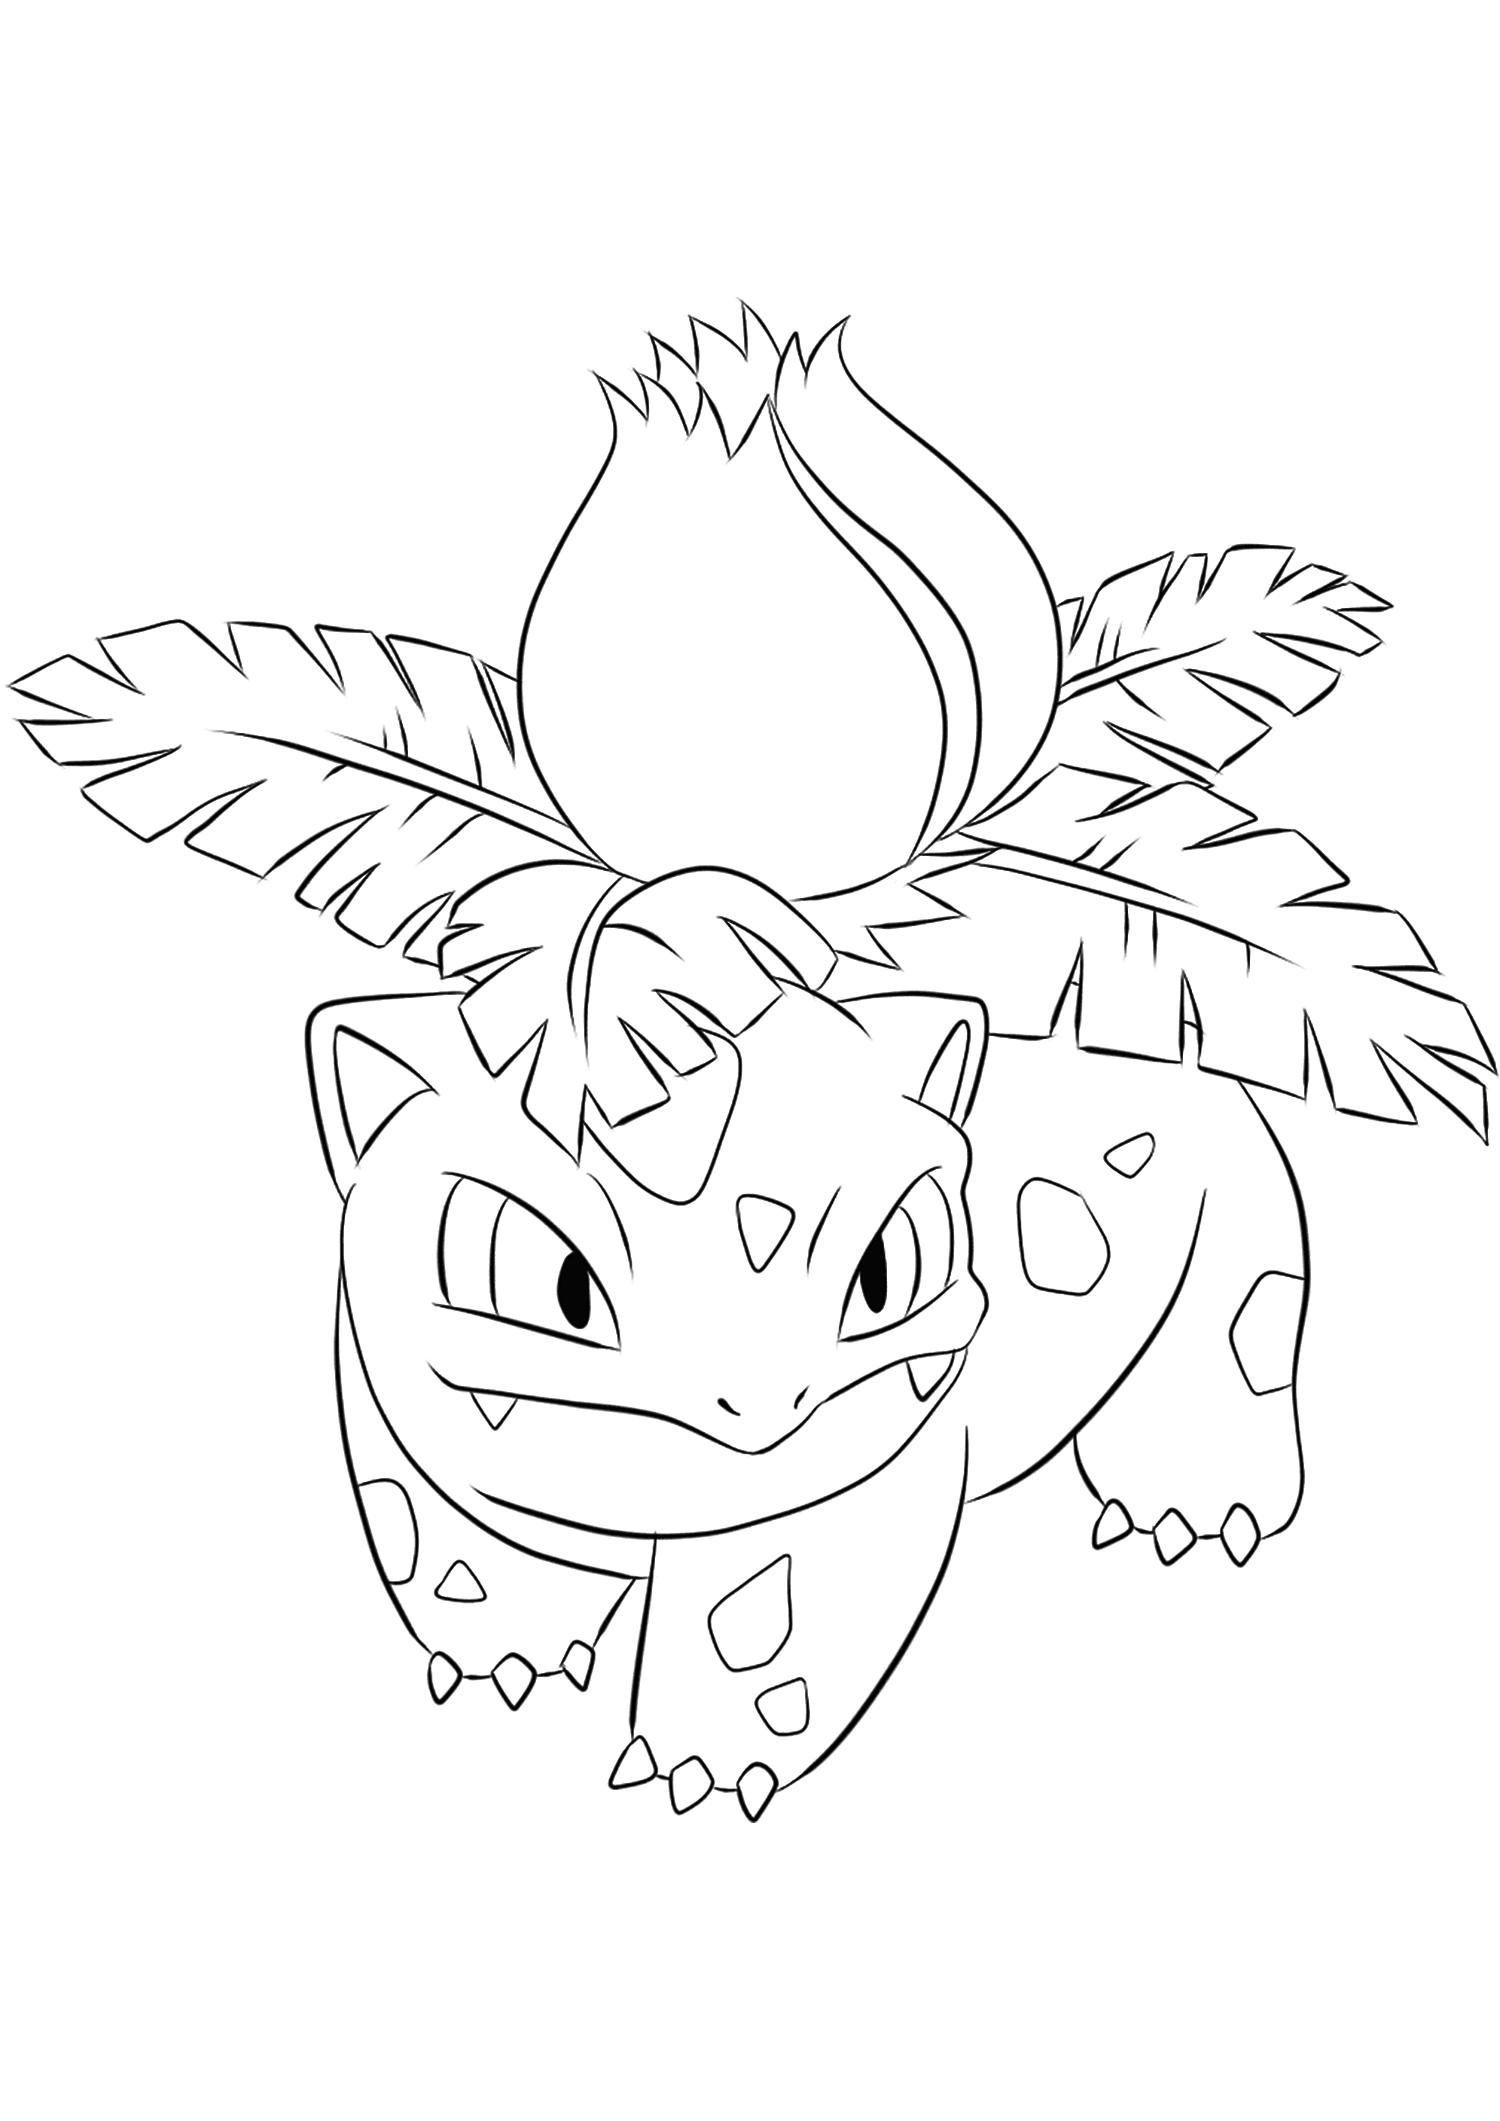 <b>Herbizarre</b> (No.02) : Pokémon de génération I